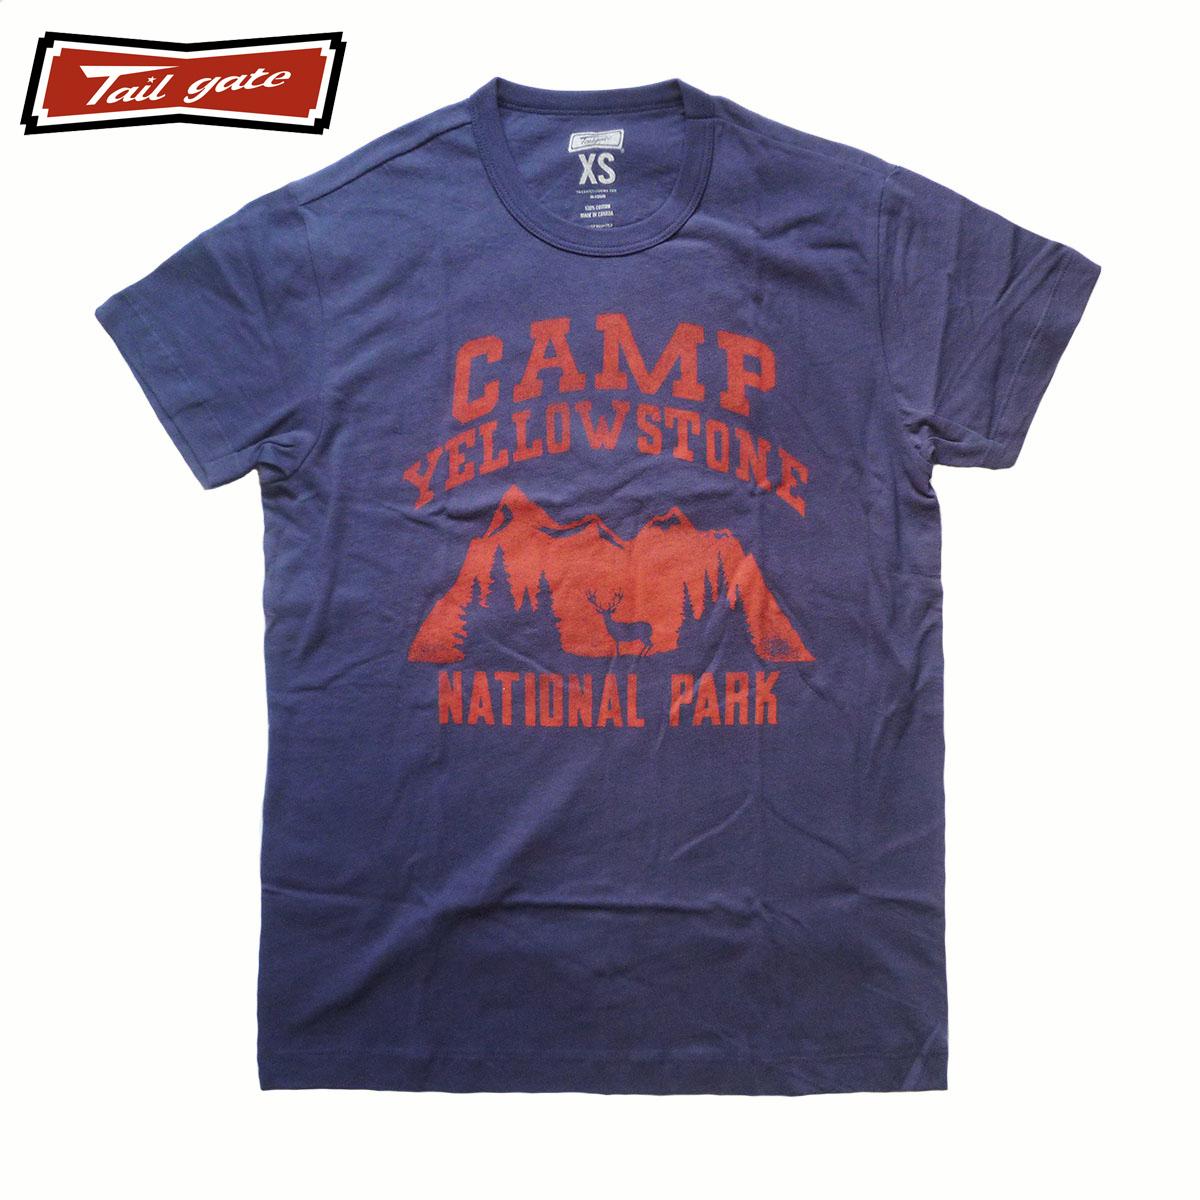 TAILGATE テイルゲート CAMP YELLOWSTONE Tシャツ メンズ/レディース ブルー XS-M[Tシャツ 半袖 プリント カナダ カナダ製 アメカジ アメカジファッション ブランド]